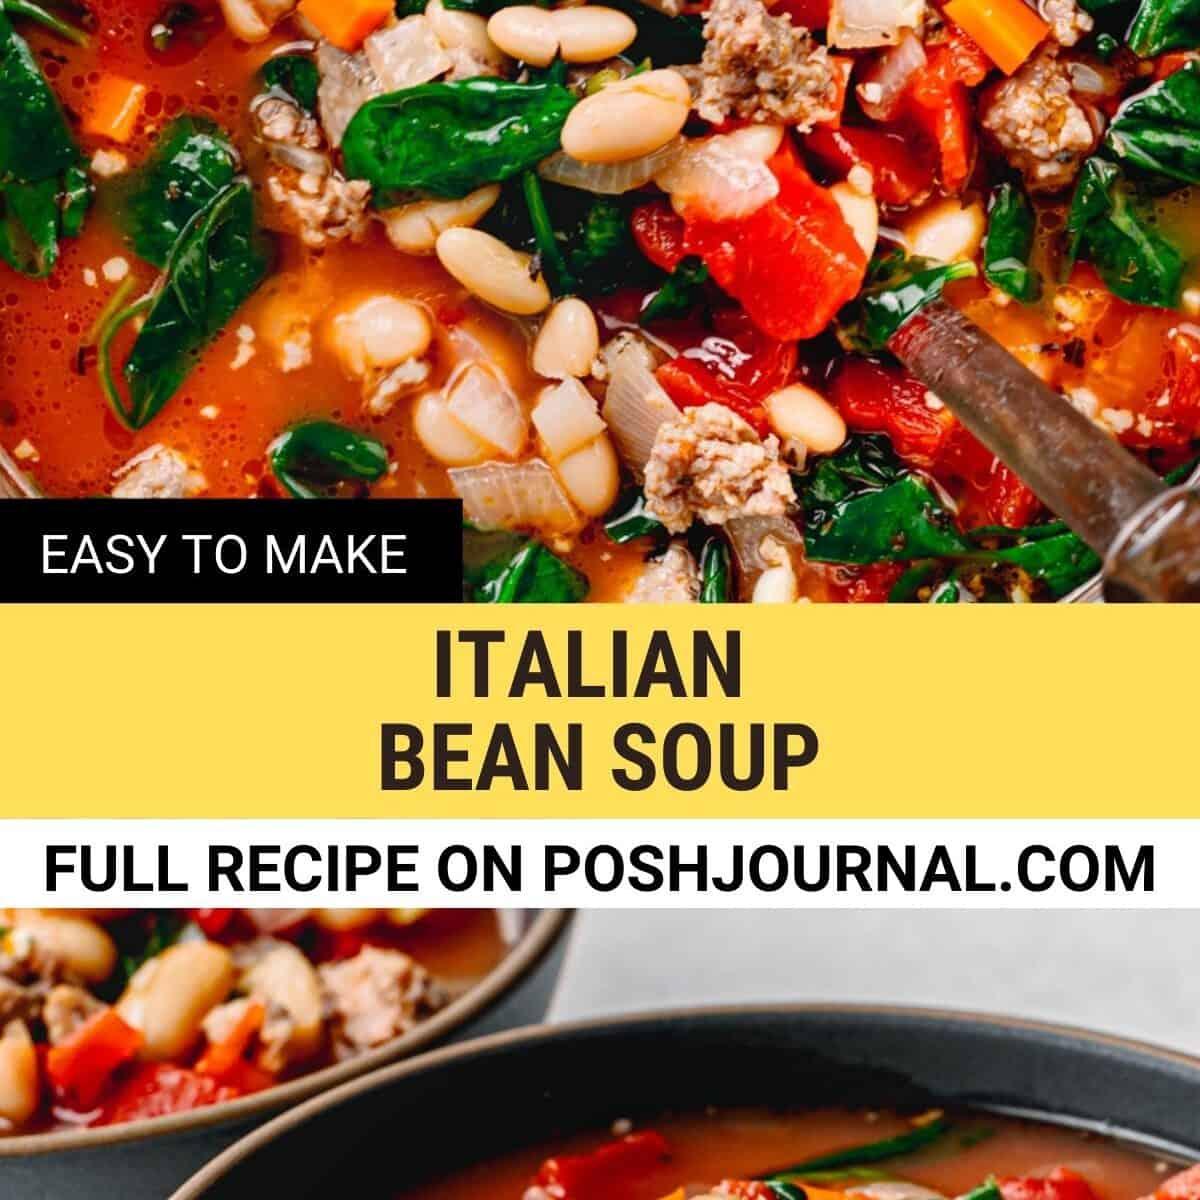 Italian bean soup recipe.